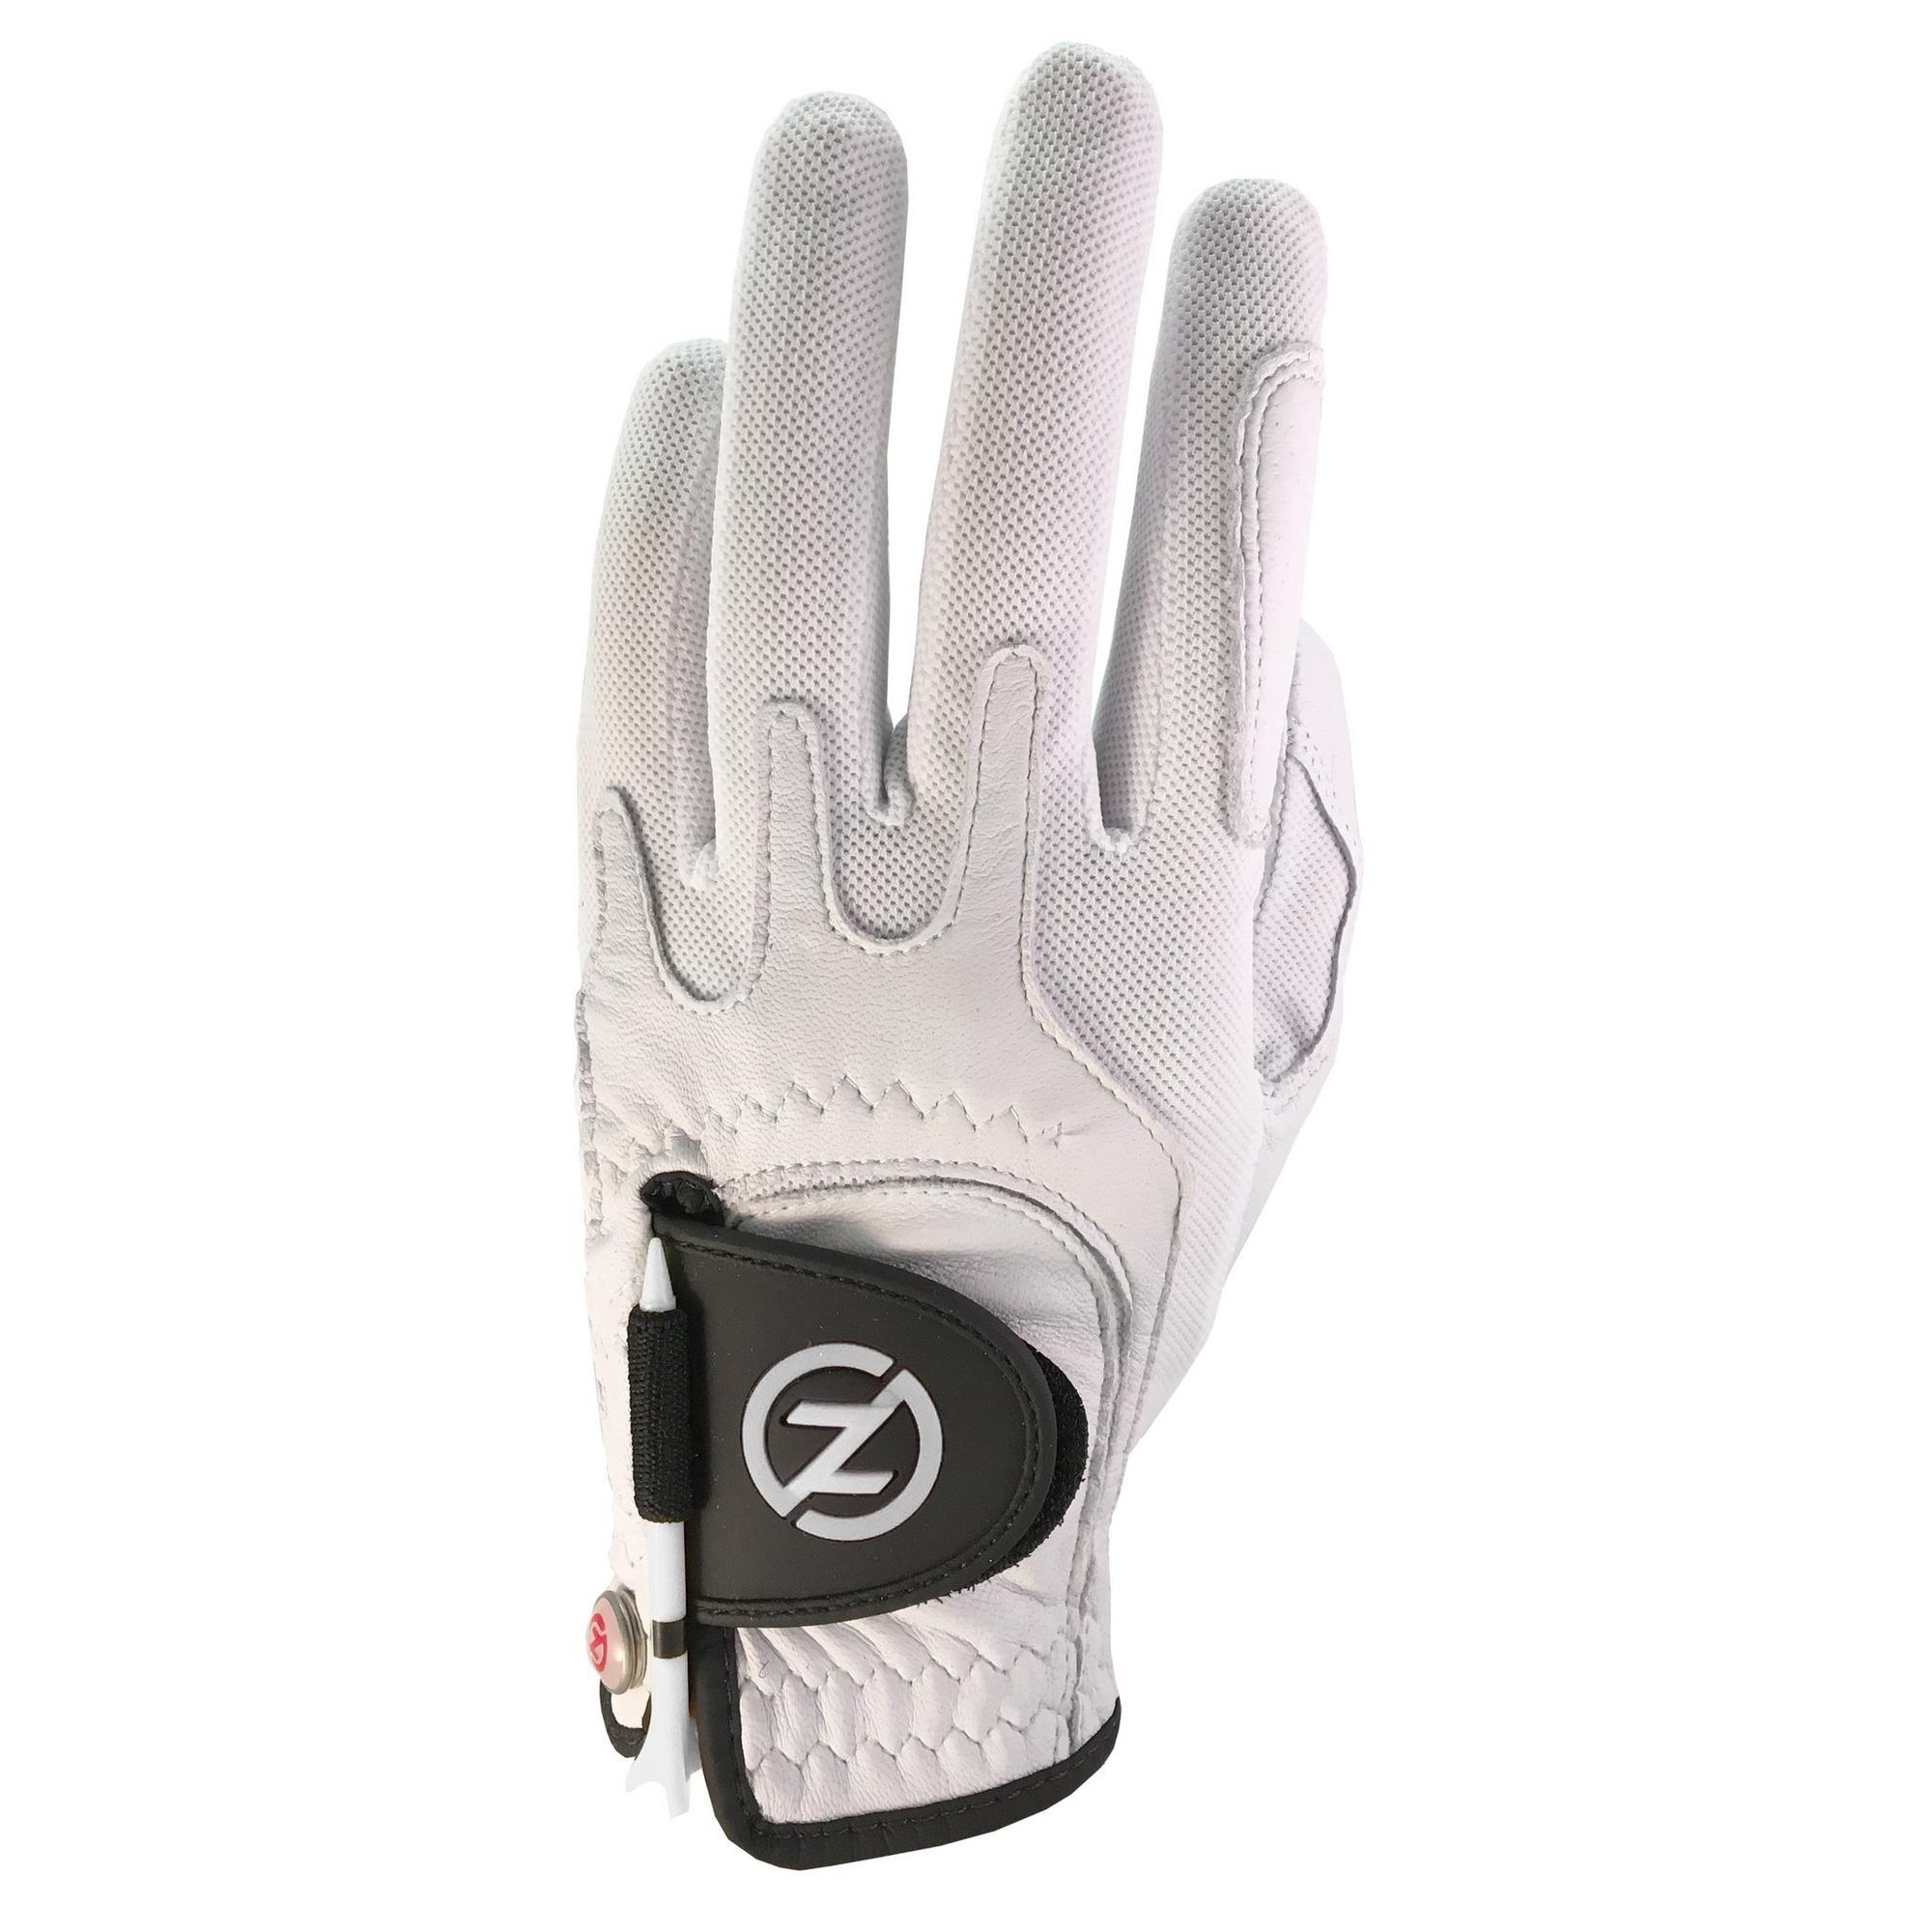 Men's Cabretta Elite Golf Glove - MLH